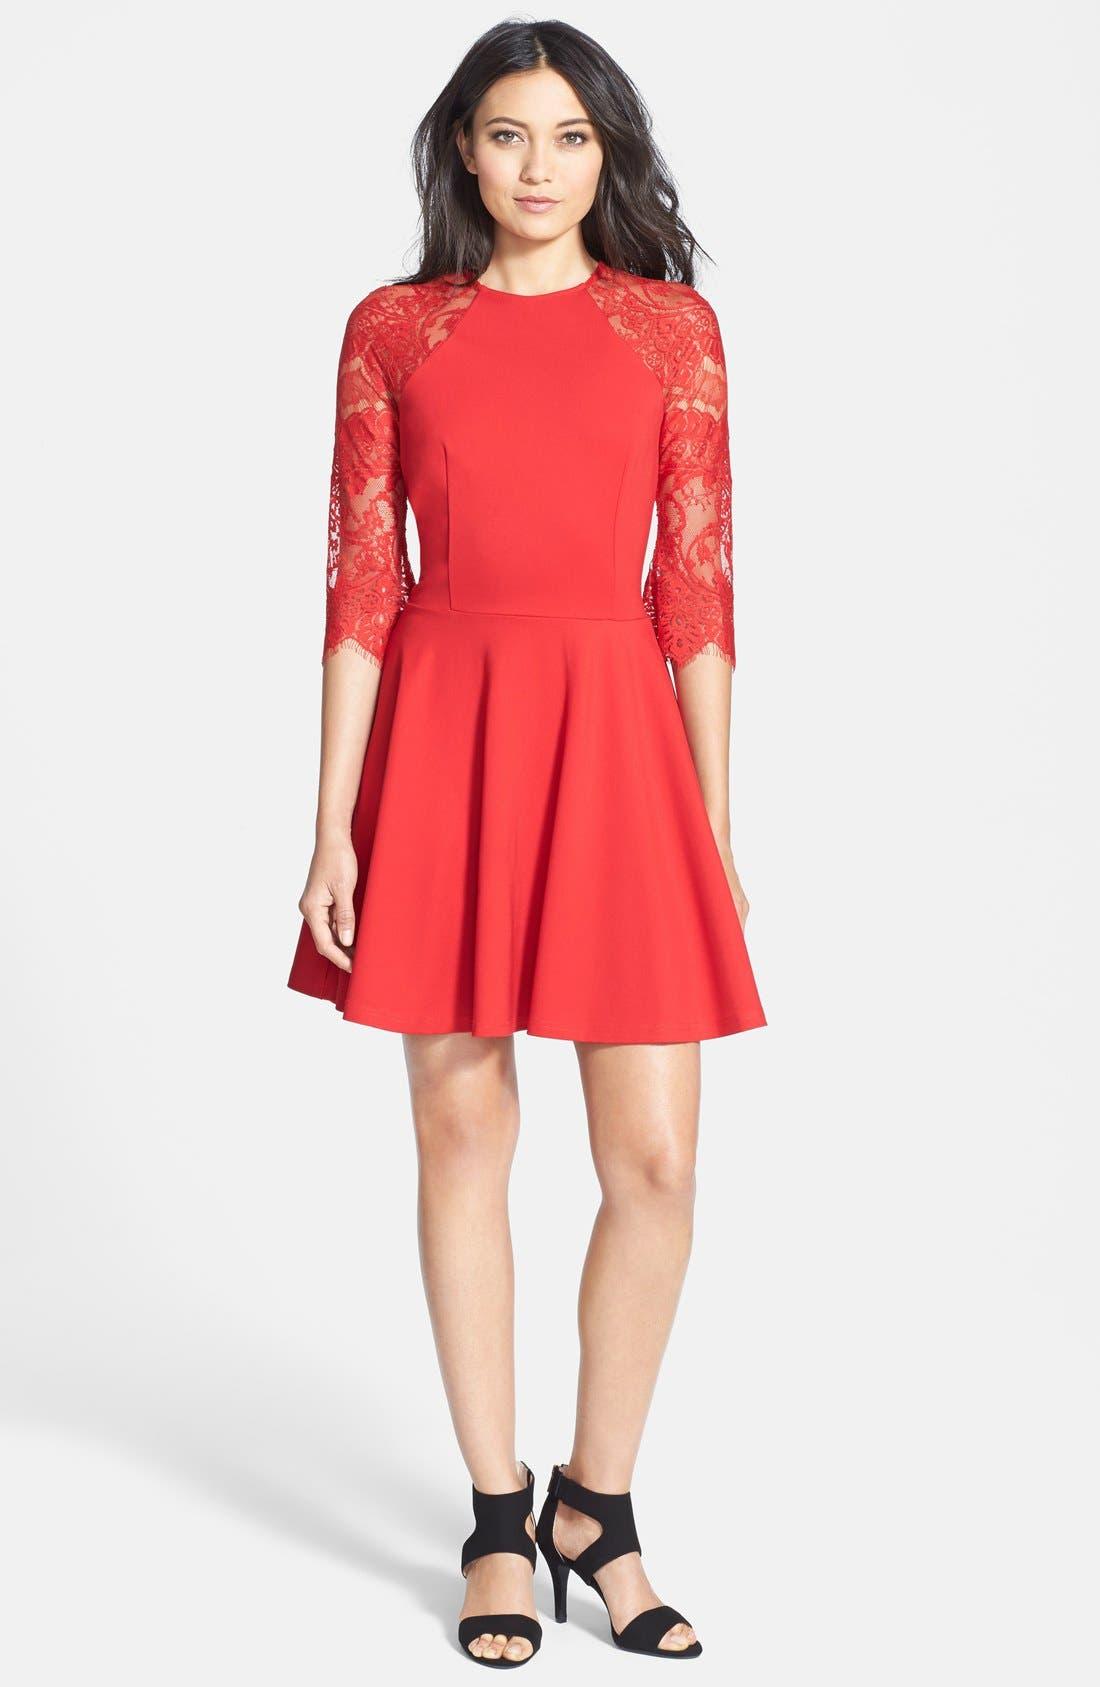 BB DAKOTA, 'Yale' Lace Panel Fit & Flare Dress, Alternate thumbnail 3, color, 600